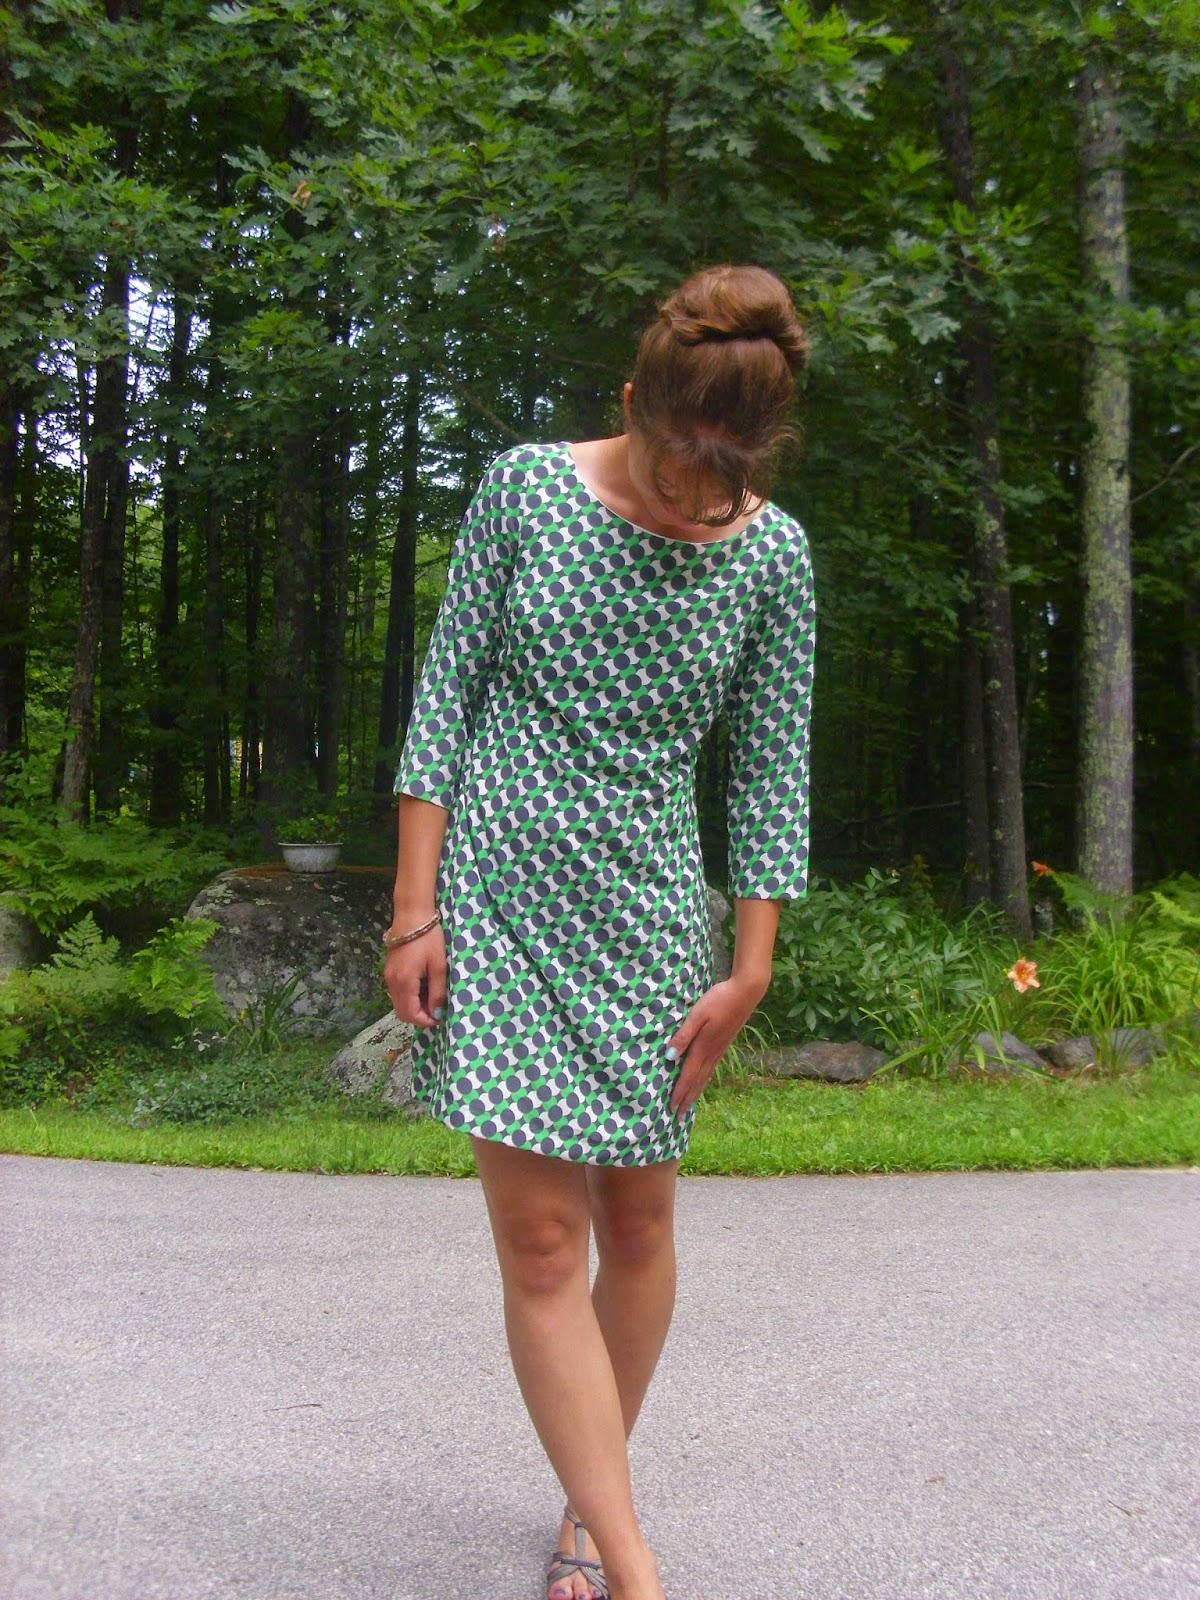 Young Yankee Lady: 60's shift dress mod bouffant bun hair style blogger